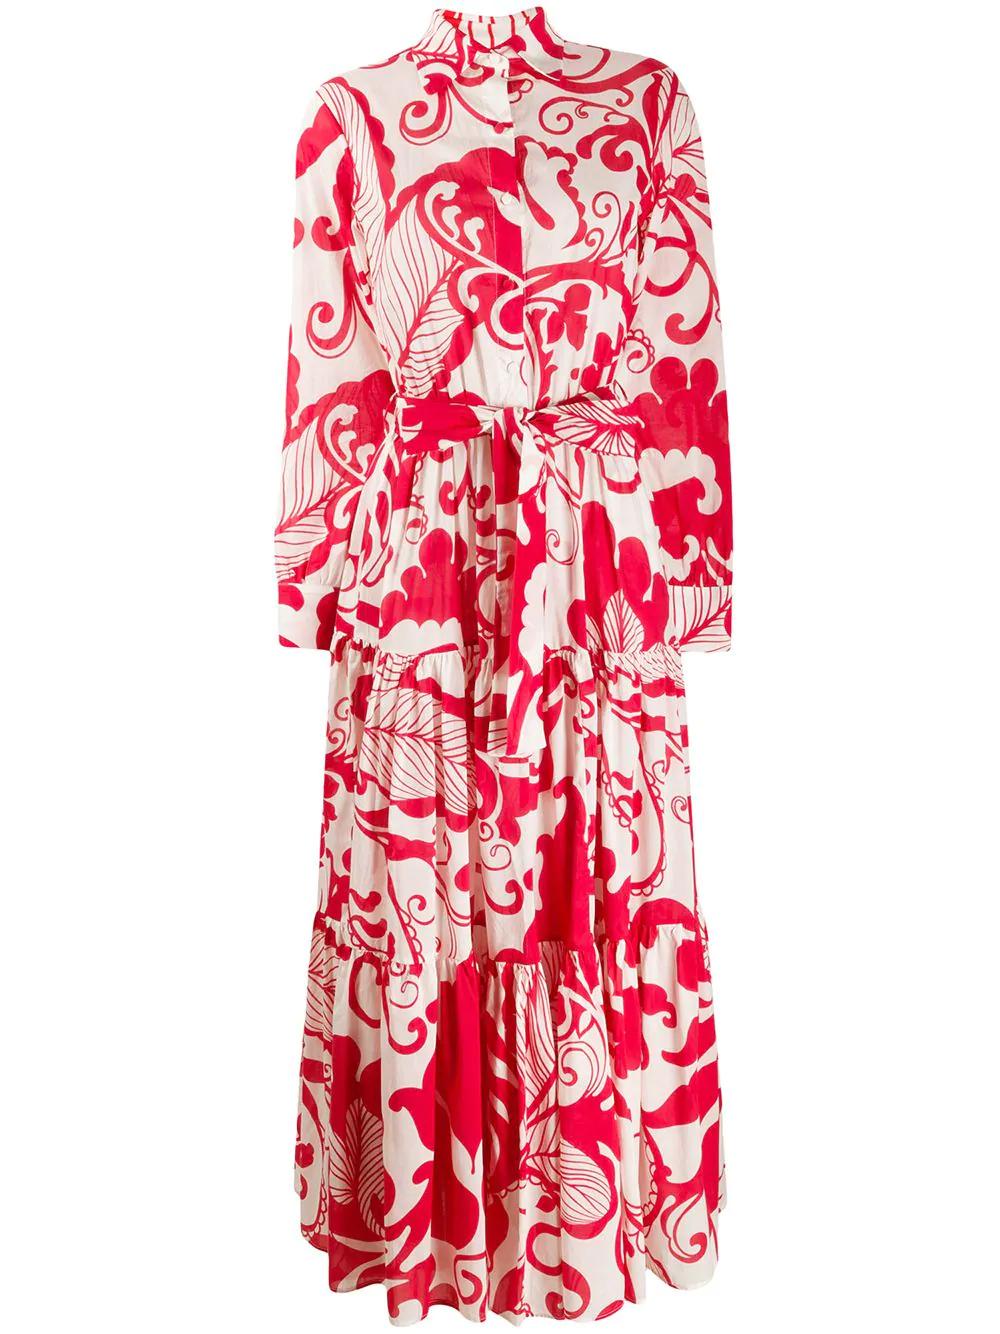 La DoubleJ | La Doublej платье-рубашка макси Bellini | Clouty